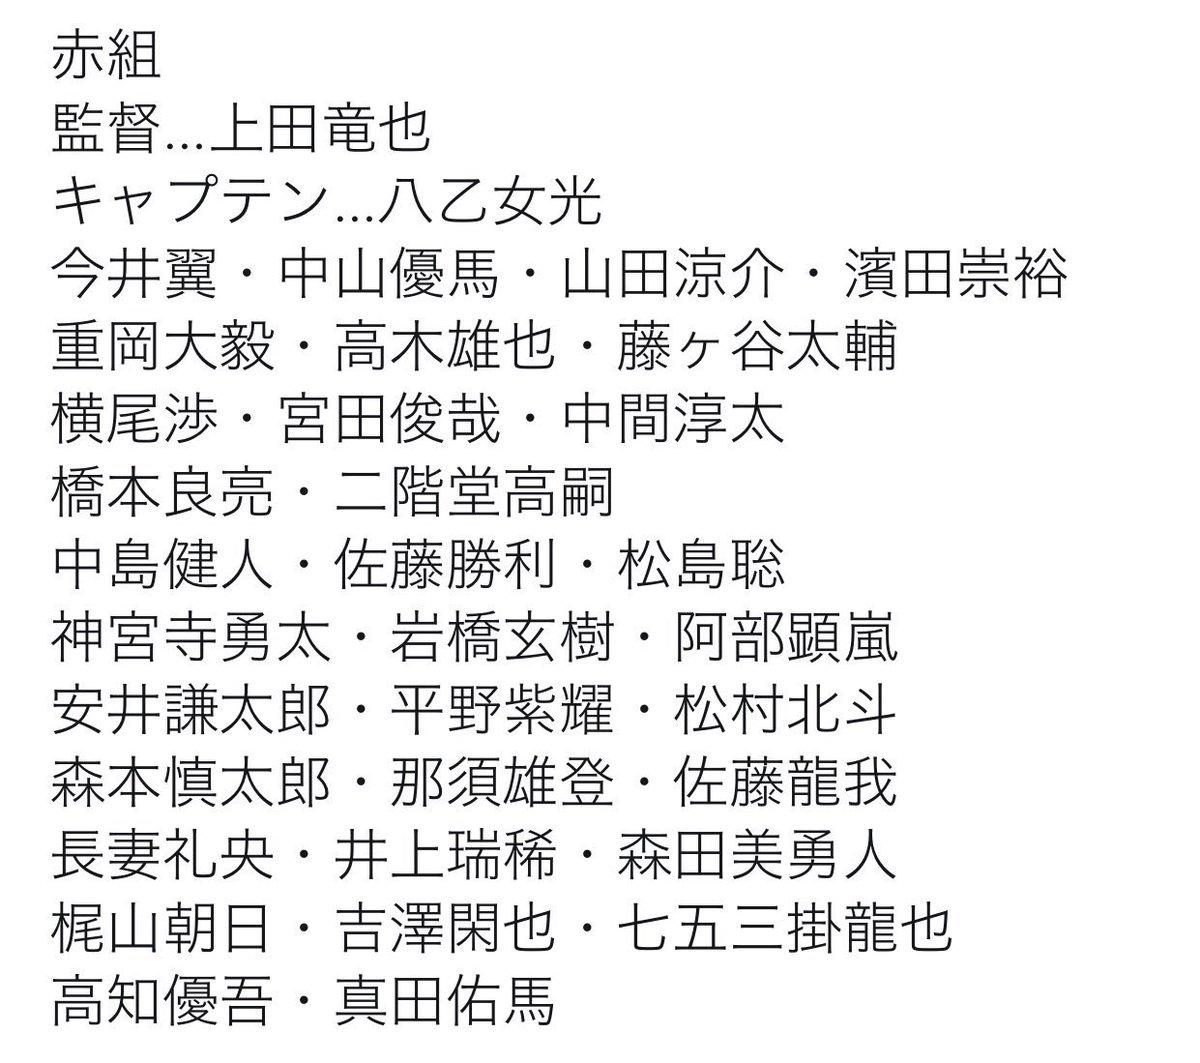 C9gizkuVoAEeyV9.jpg